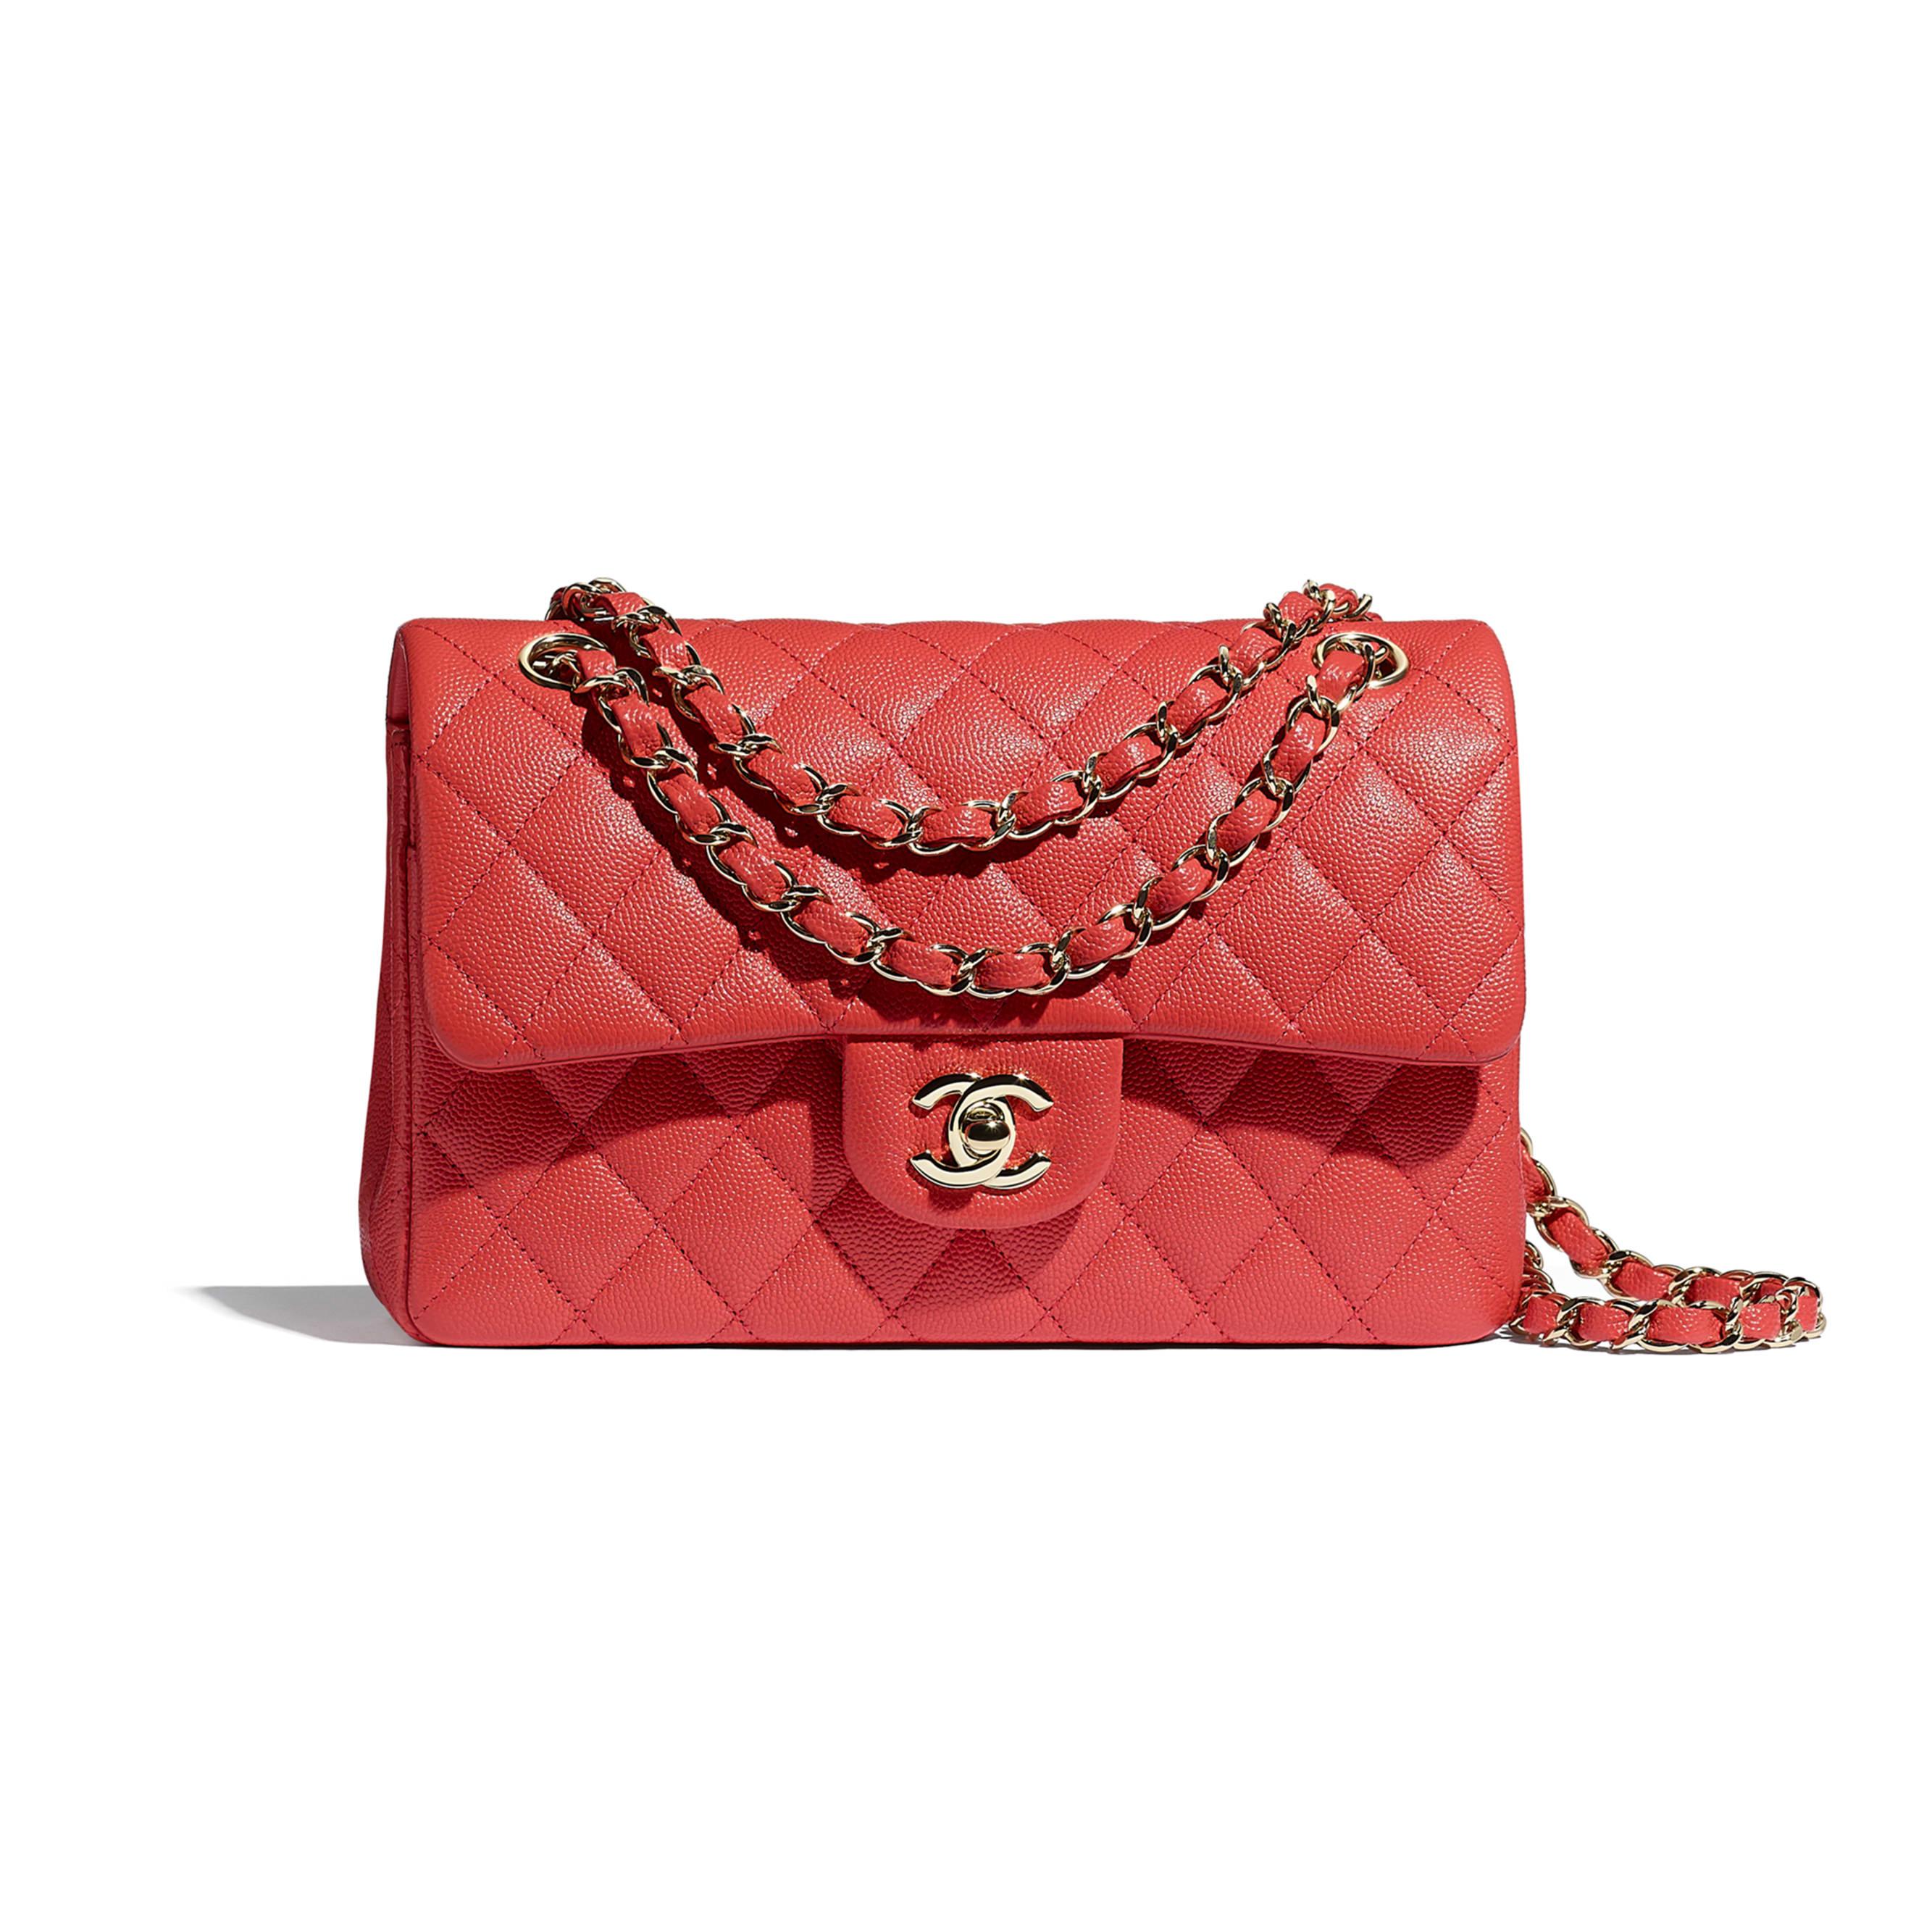 Mała klasyczna torebka - Kolor czerwony - Skóra cielęca o ziarnistej fakturze i metal w tonacji złotej - CHANEL - Widok domyślny – zobacz w standardowym rozmiarze